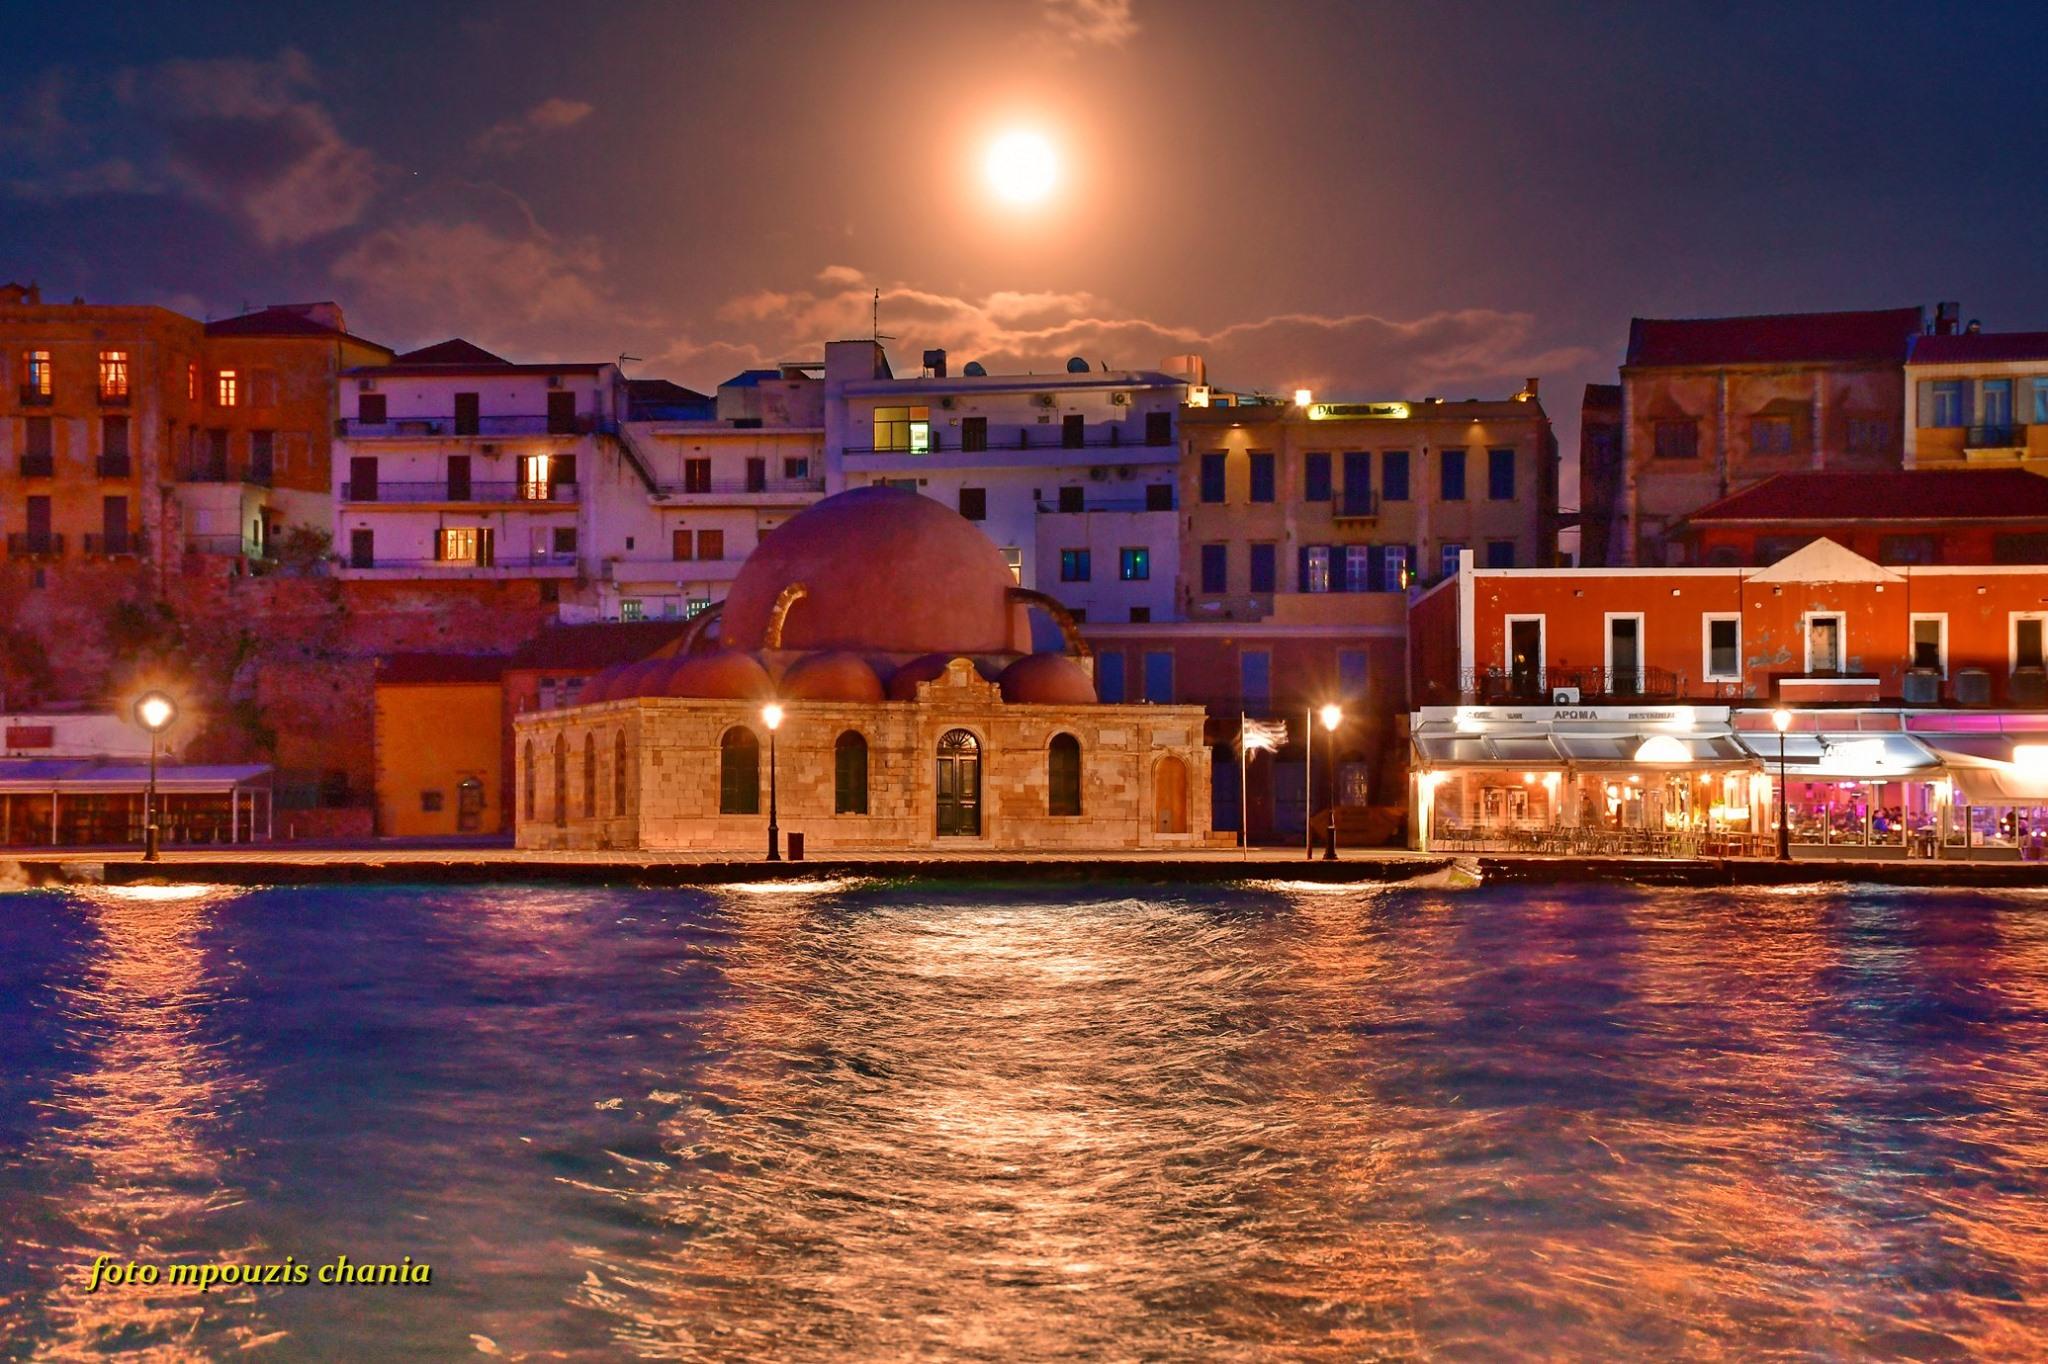 Μαγευτική η υπερπανσέληνος στα Χανιά (φωτο) - Flashnews.gr